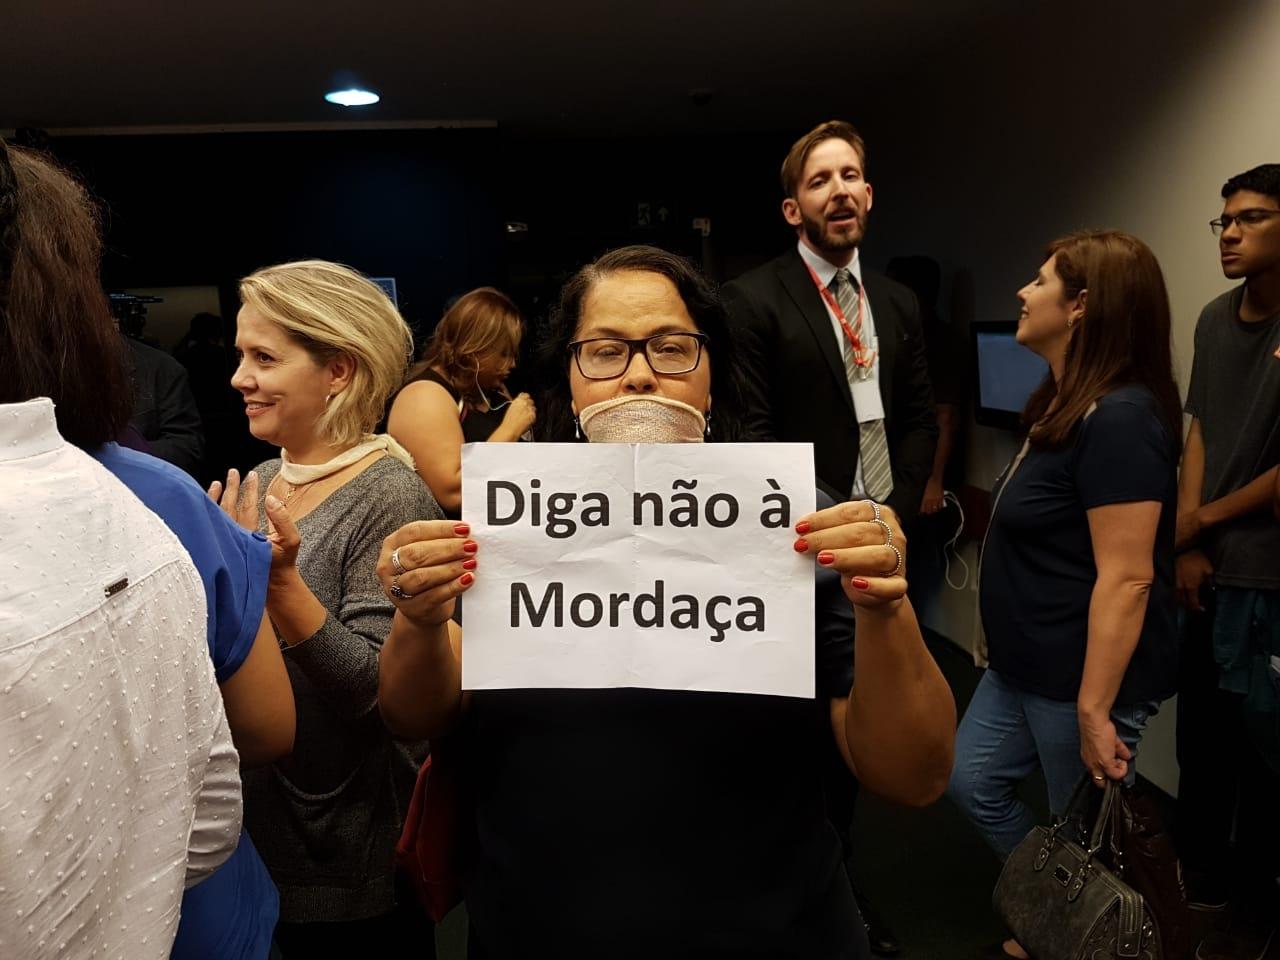 Fotos Lei da Mordaça Votacao (14)